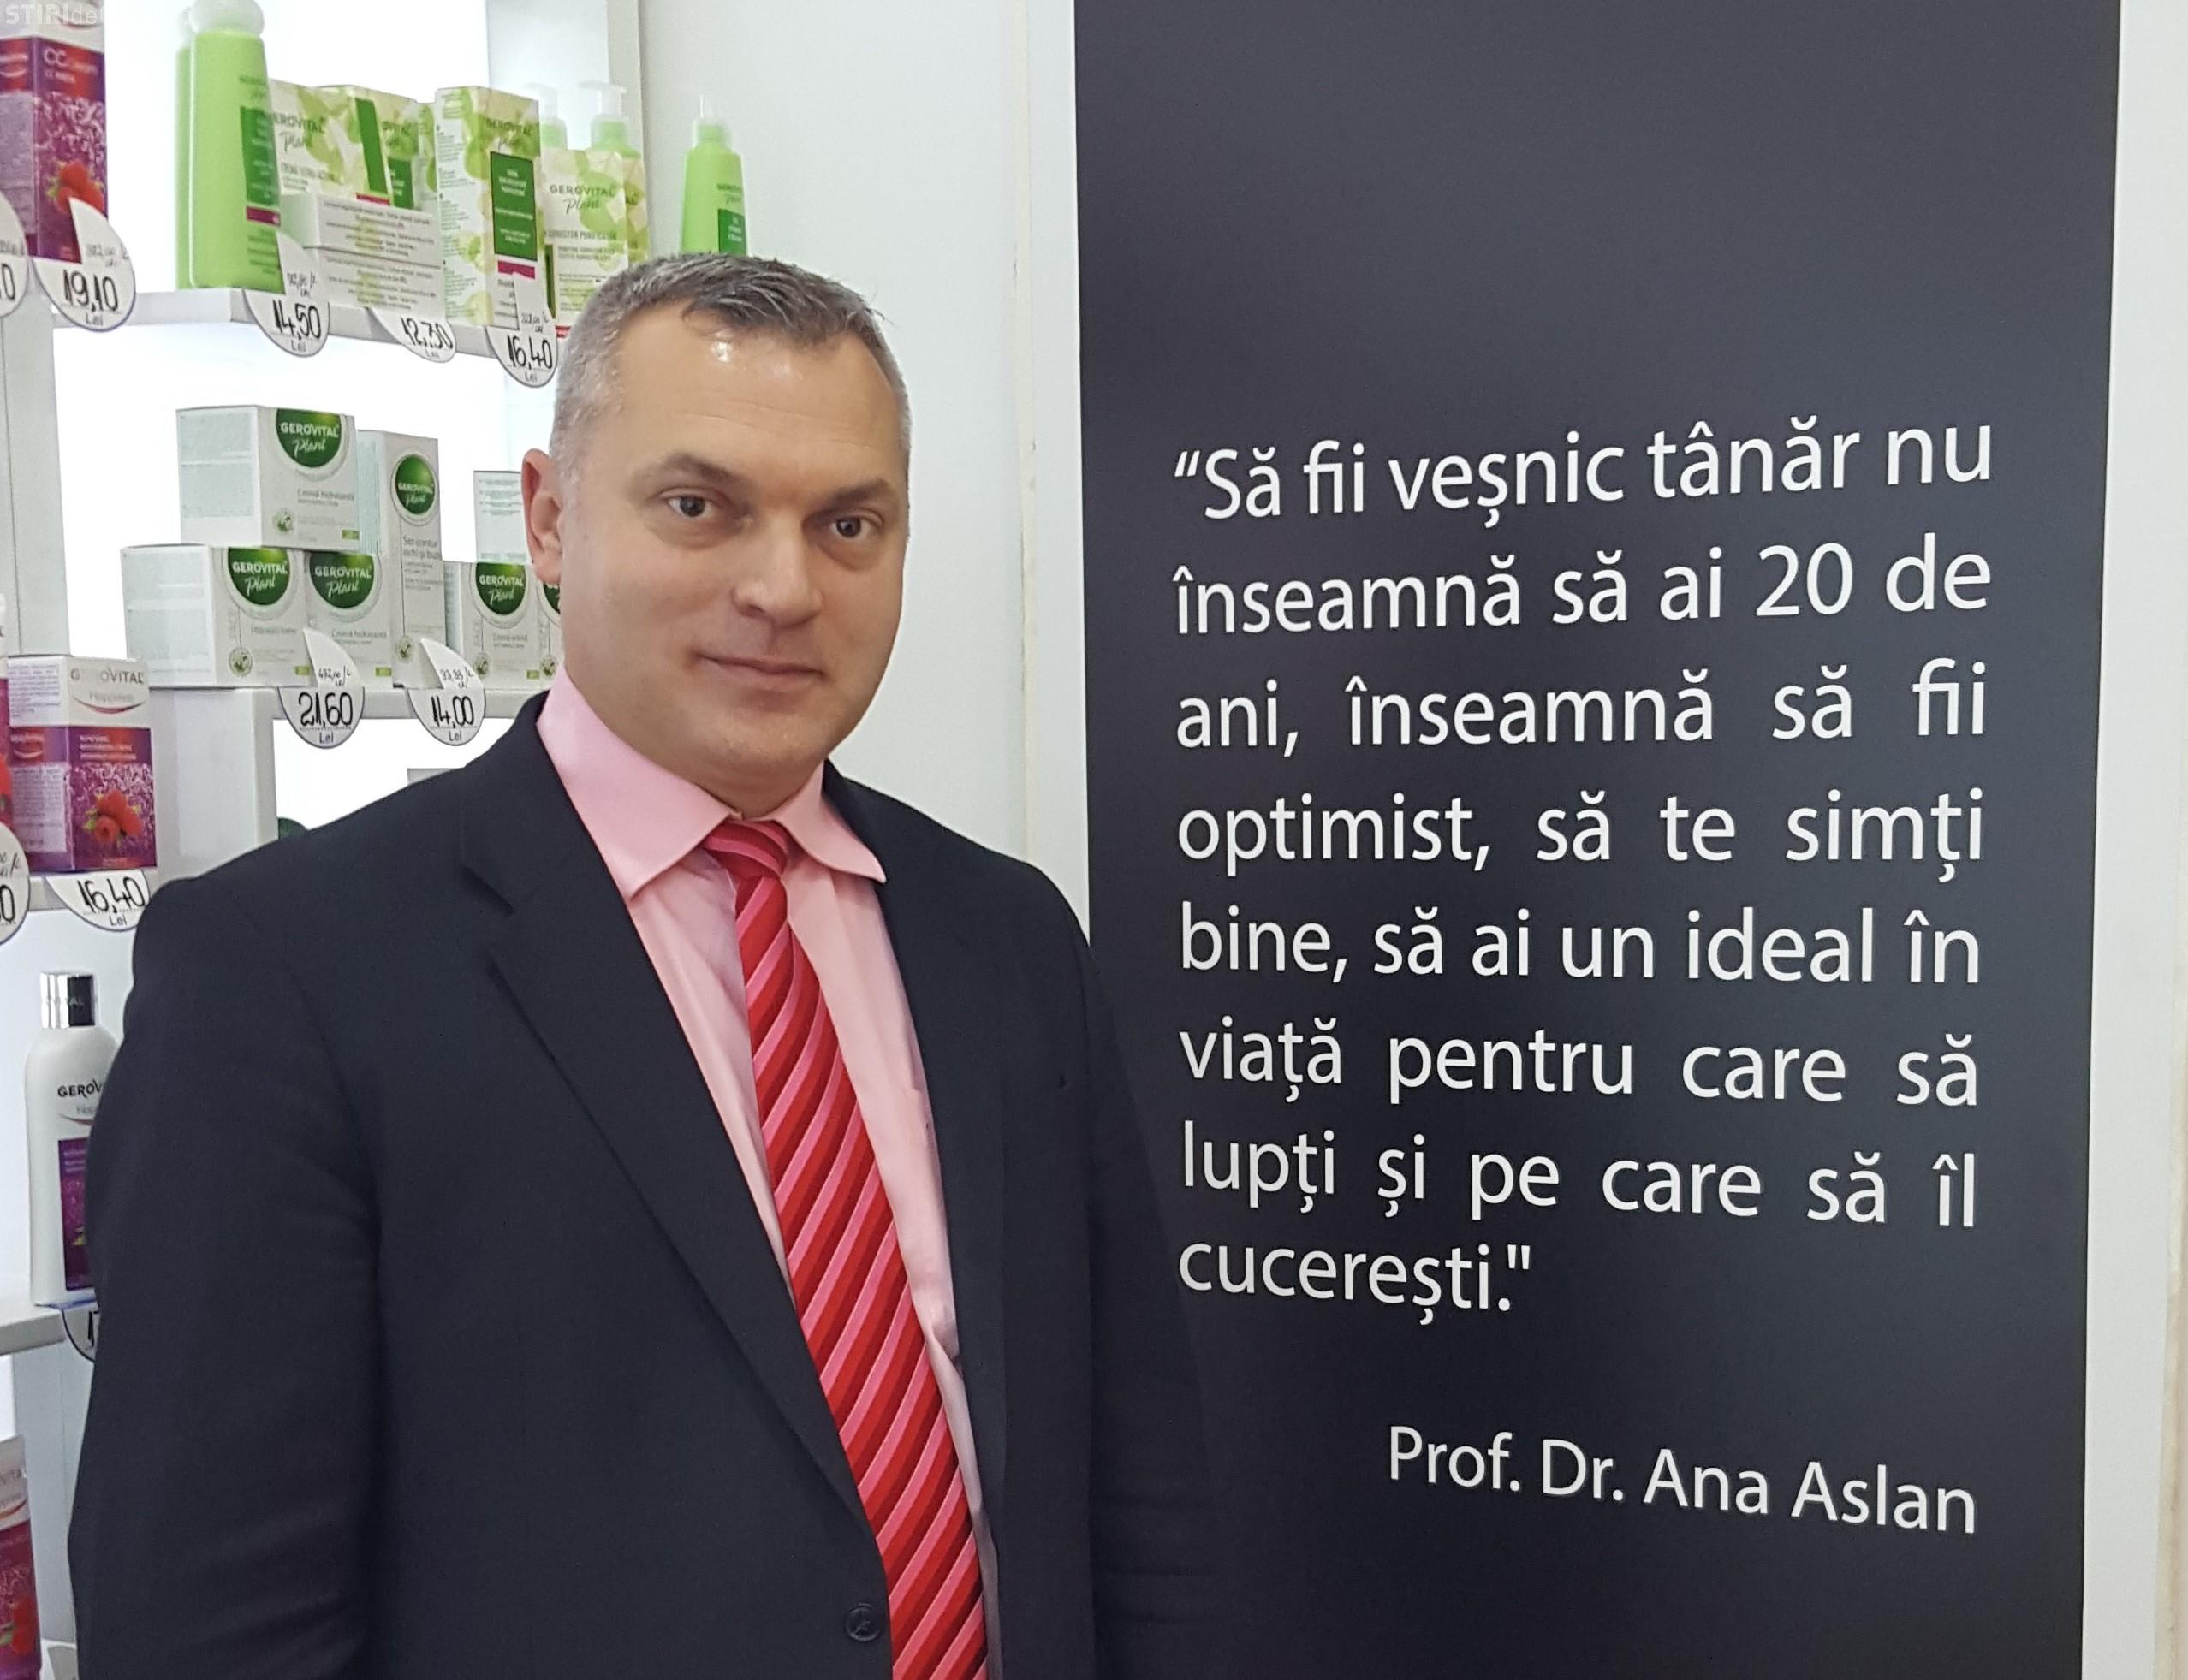 Farmec deţine una dintre cele mai complexe reţele de distribuţie din ţară, cu 10 reprezentanțe și peste 350 specialiști în vânzări (P)